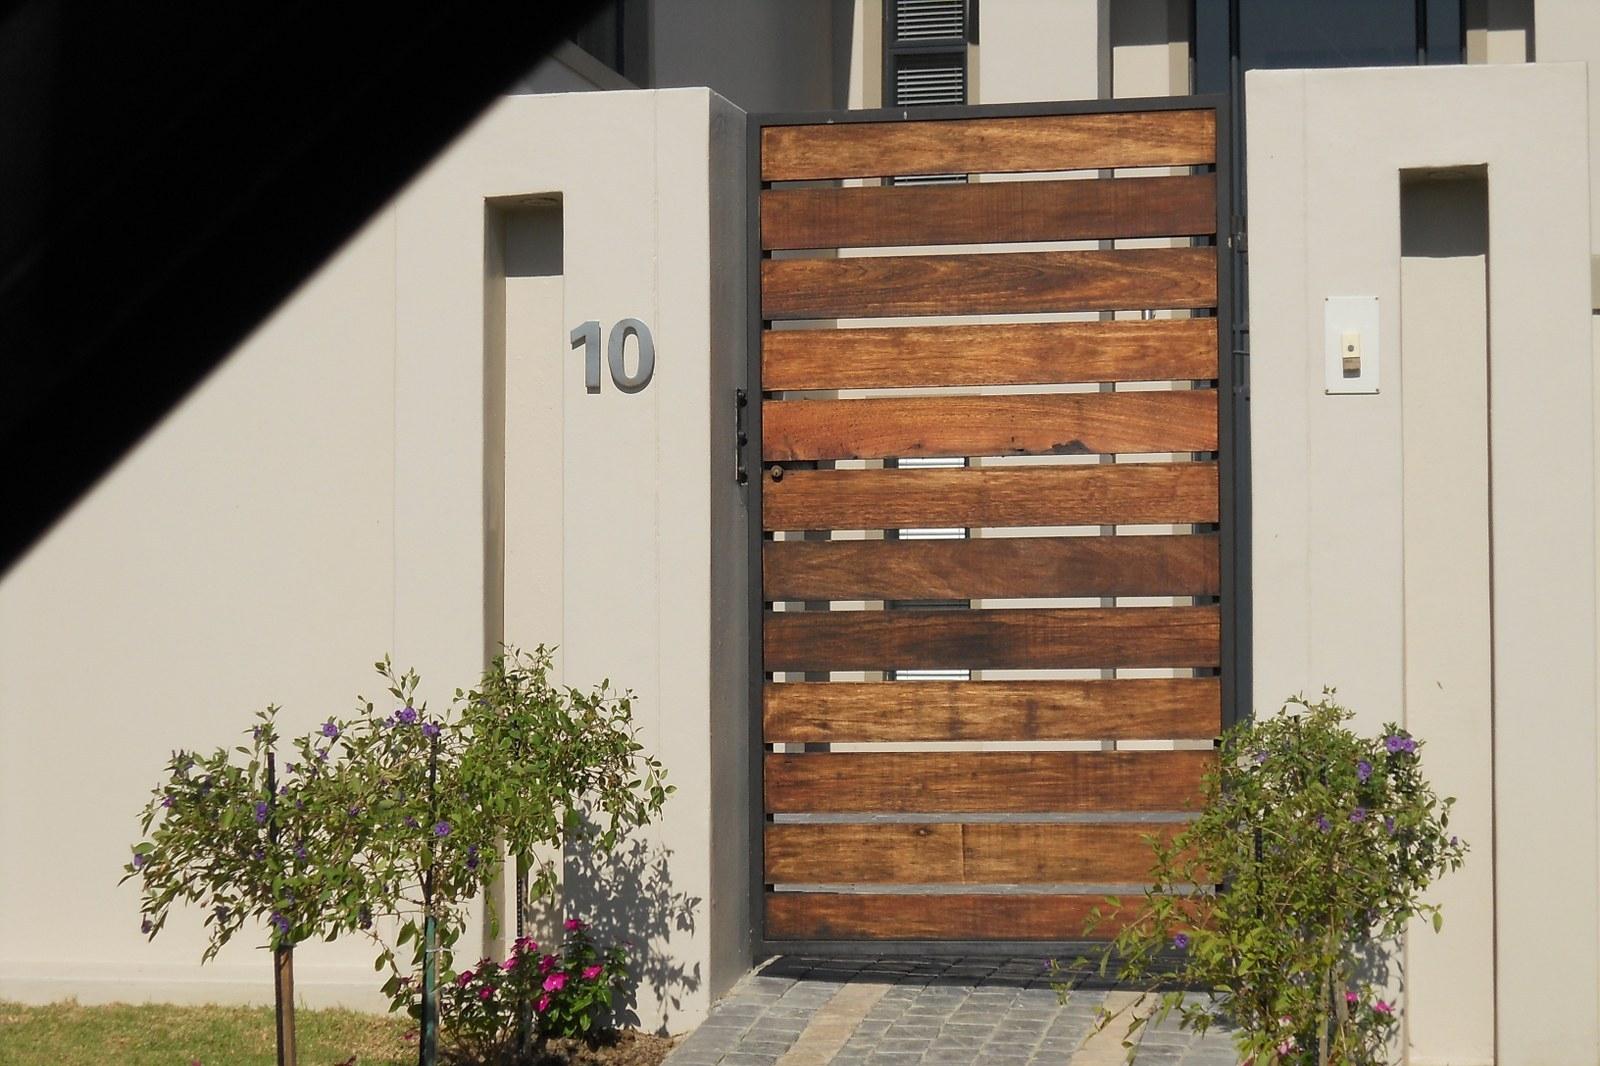 10 Desain Pagar Kayu Minimalis Untuk Rumah Terlihat Lebih Mewah